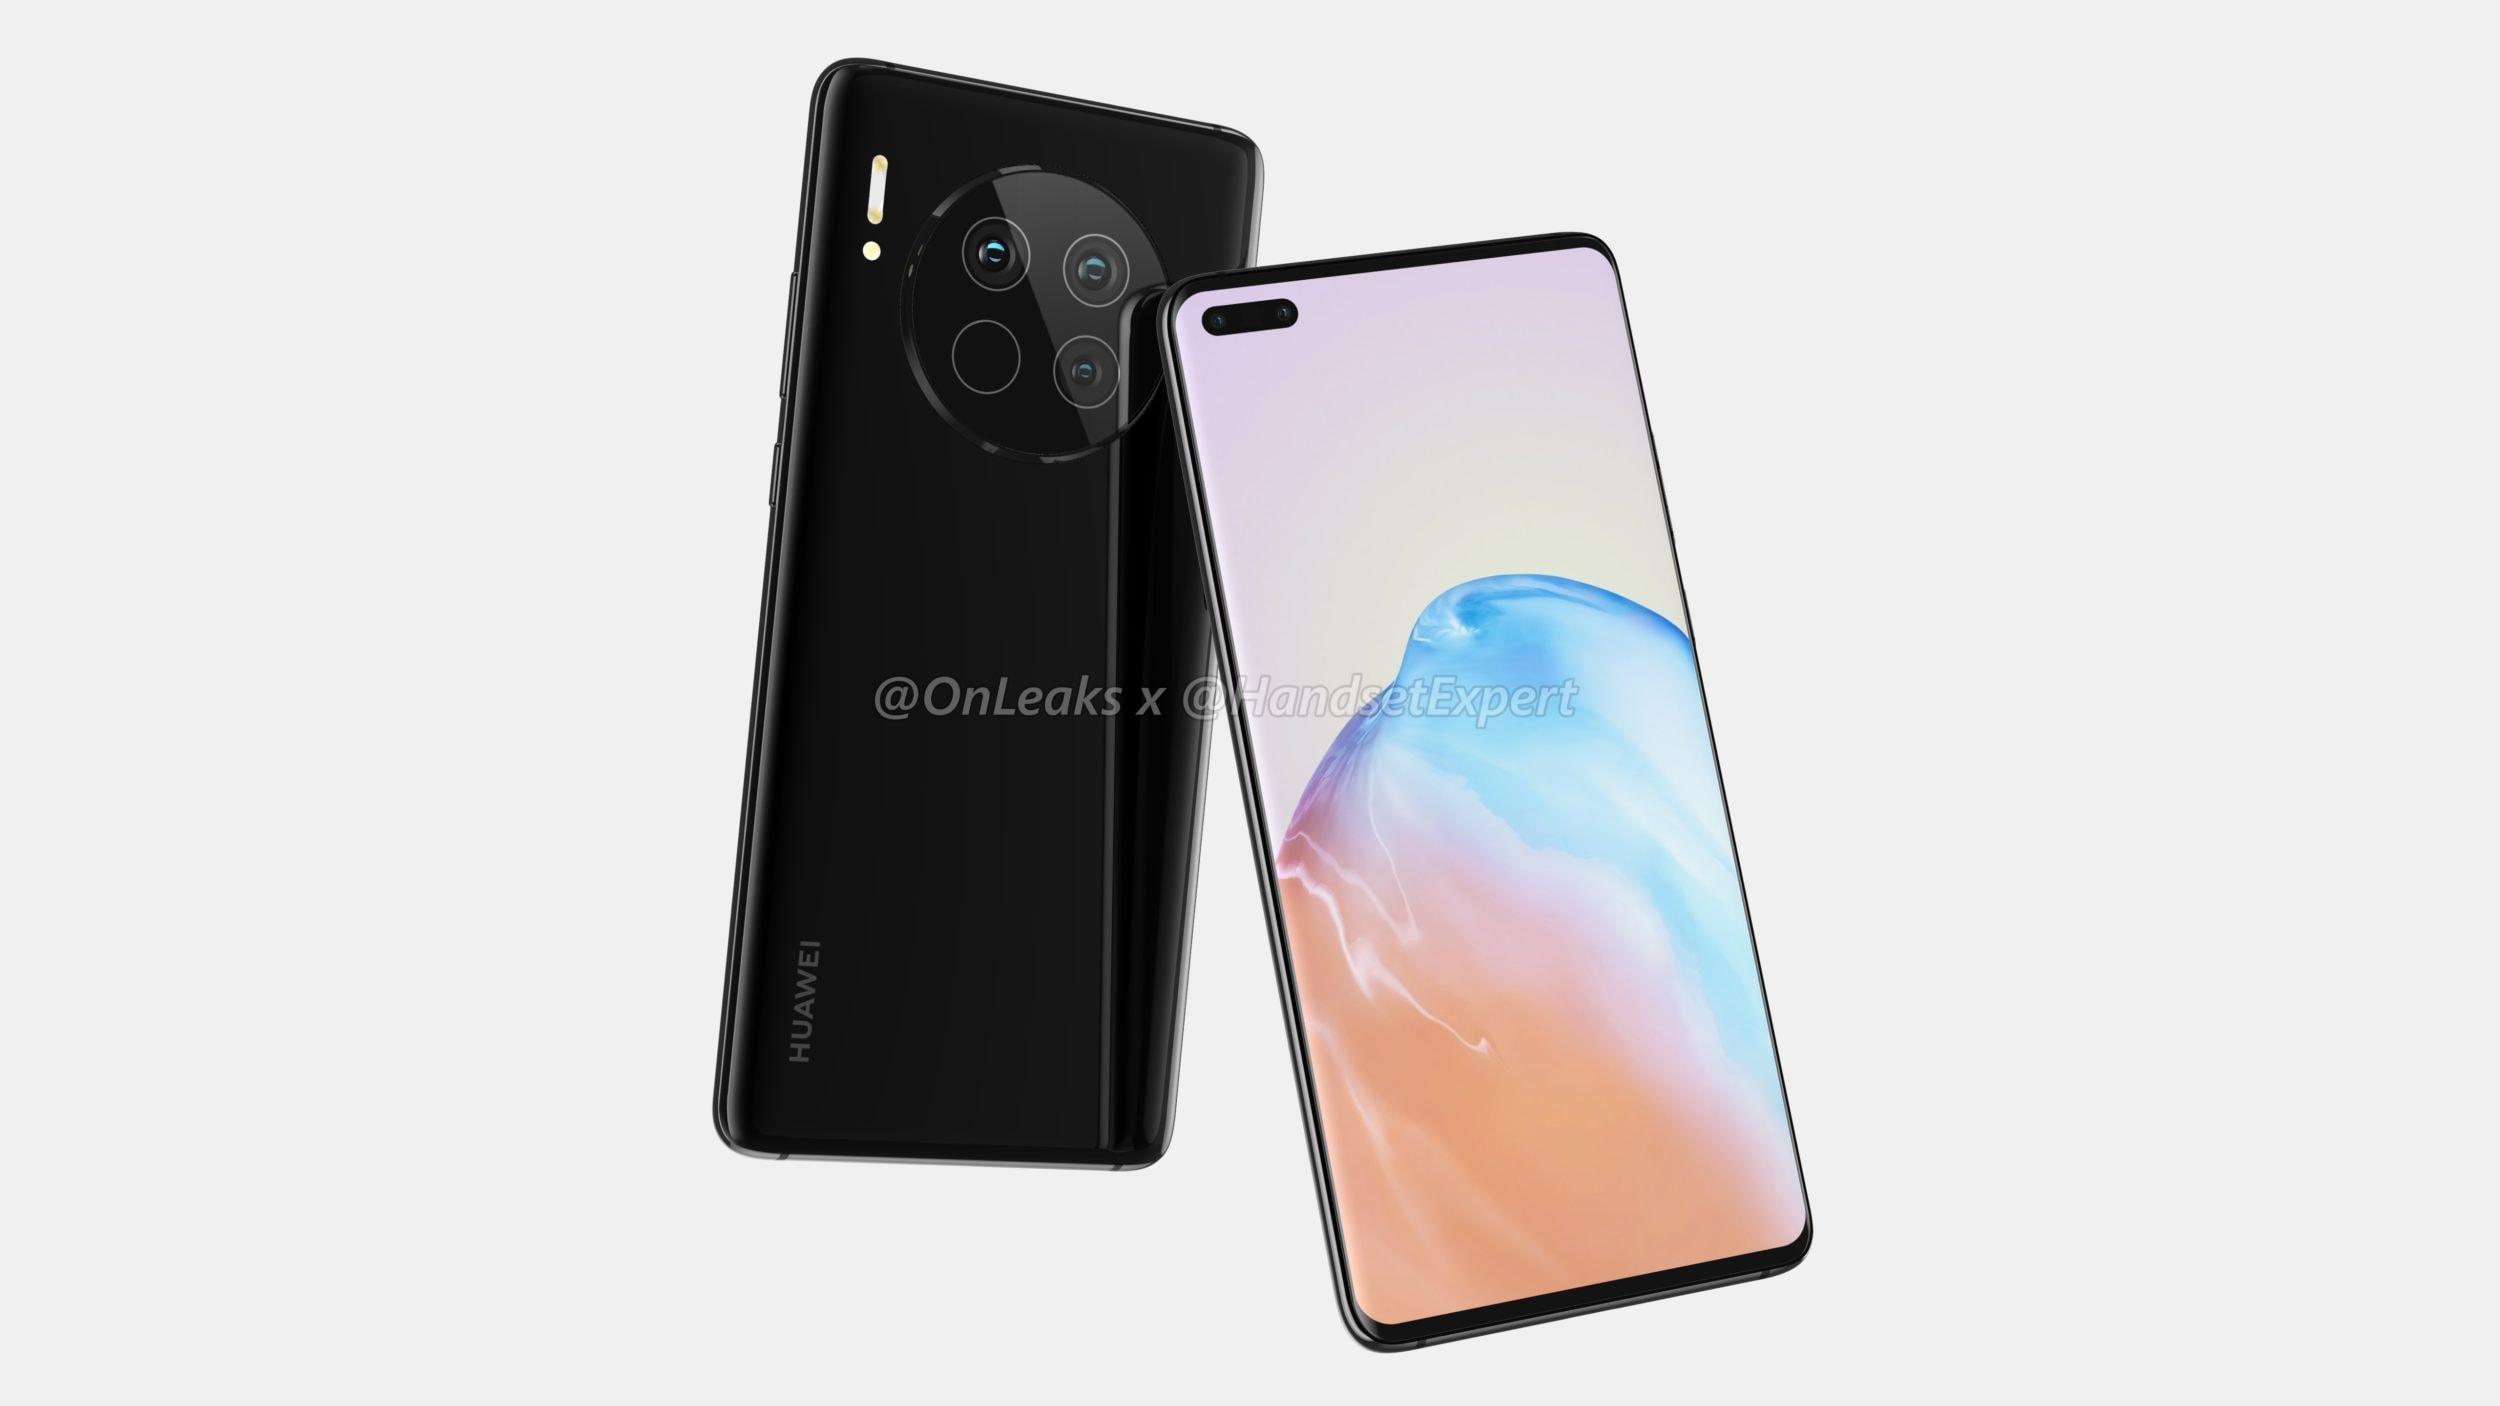 Huawei inizia a parlare dell'arrivo di Mate 40, il primo smartphone con 5G integrato in un processore a 5 nm